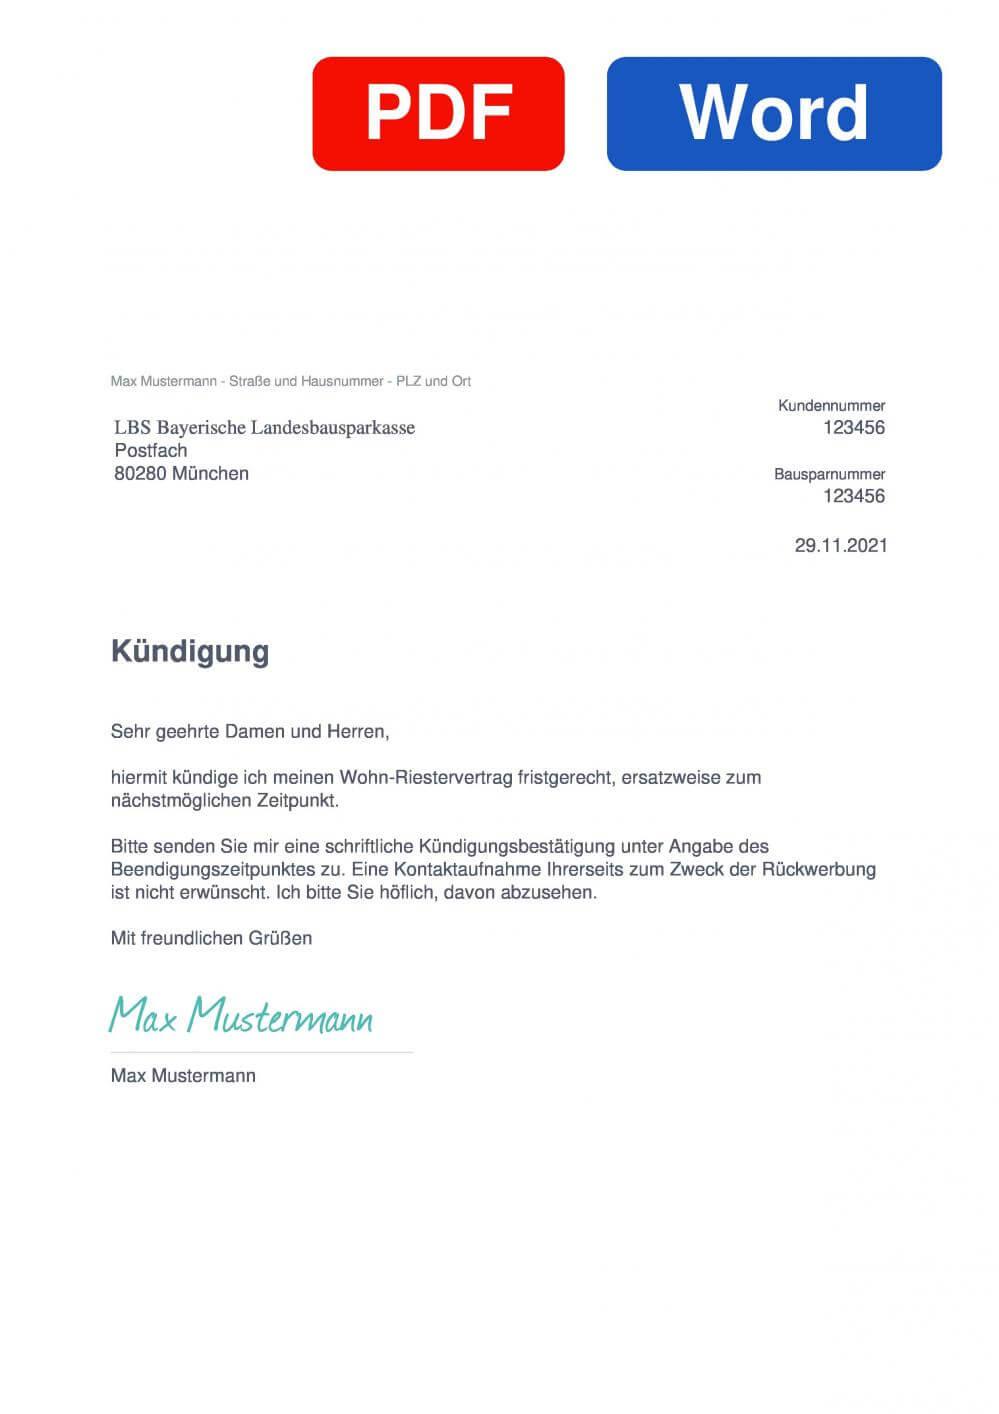 LBS Bayerische Landesbausparkasse Muster Vorlage für Kündigungsschreiben